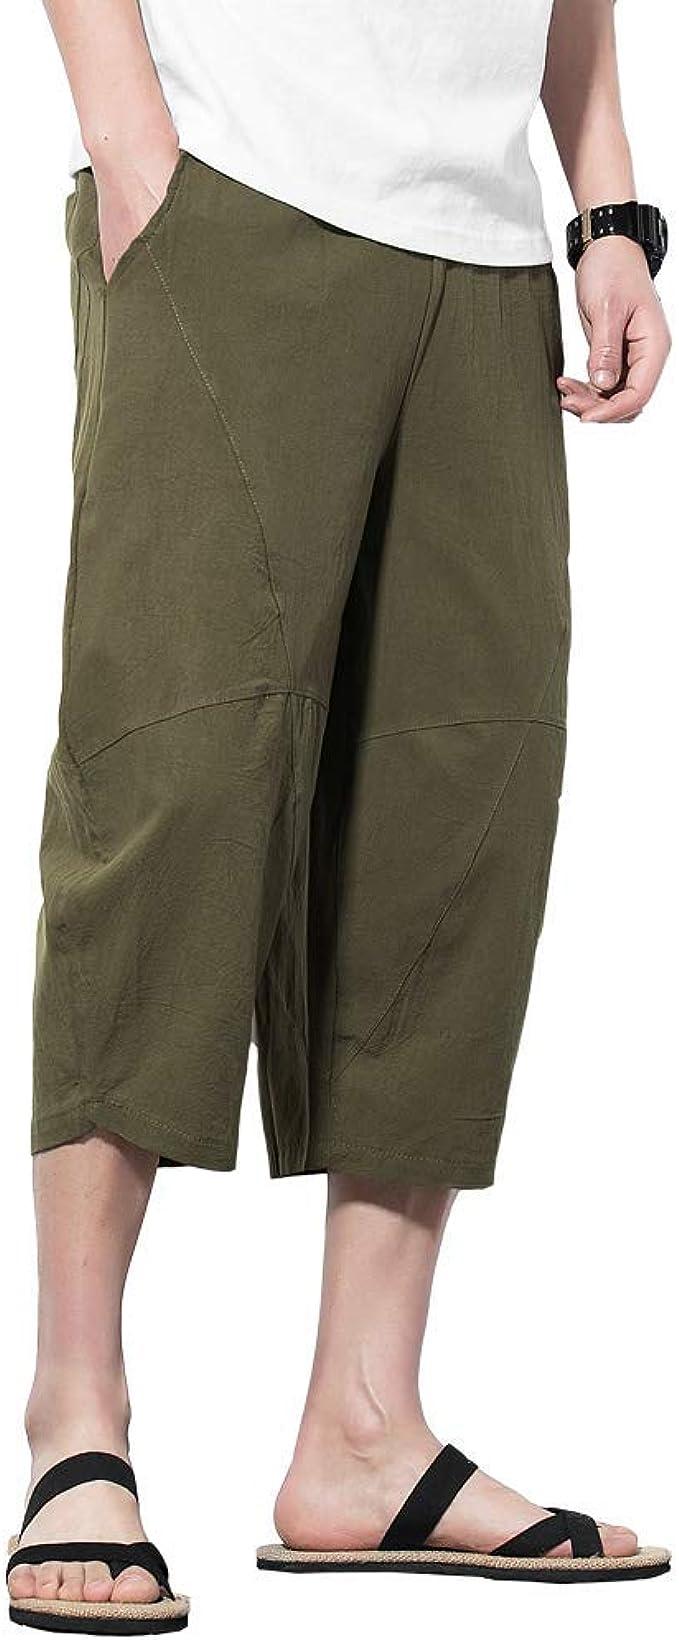 Esast Men Casual Capri Pants Shorts Drawstring Harem Baggy Jogging Trousers